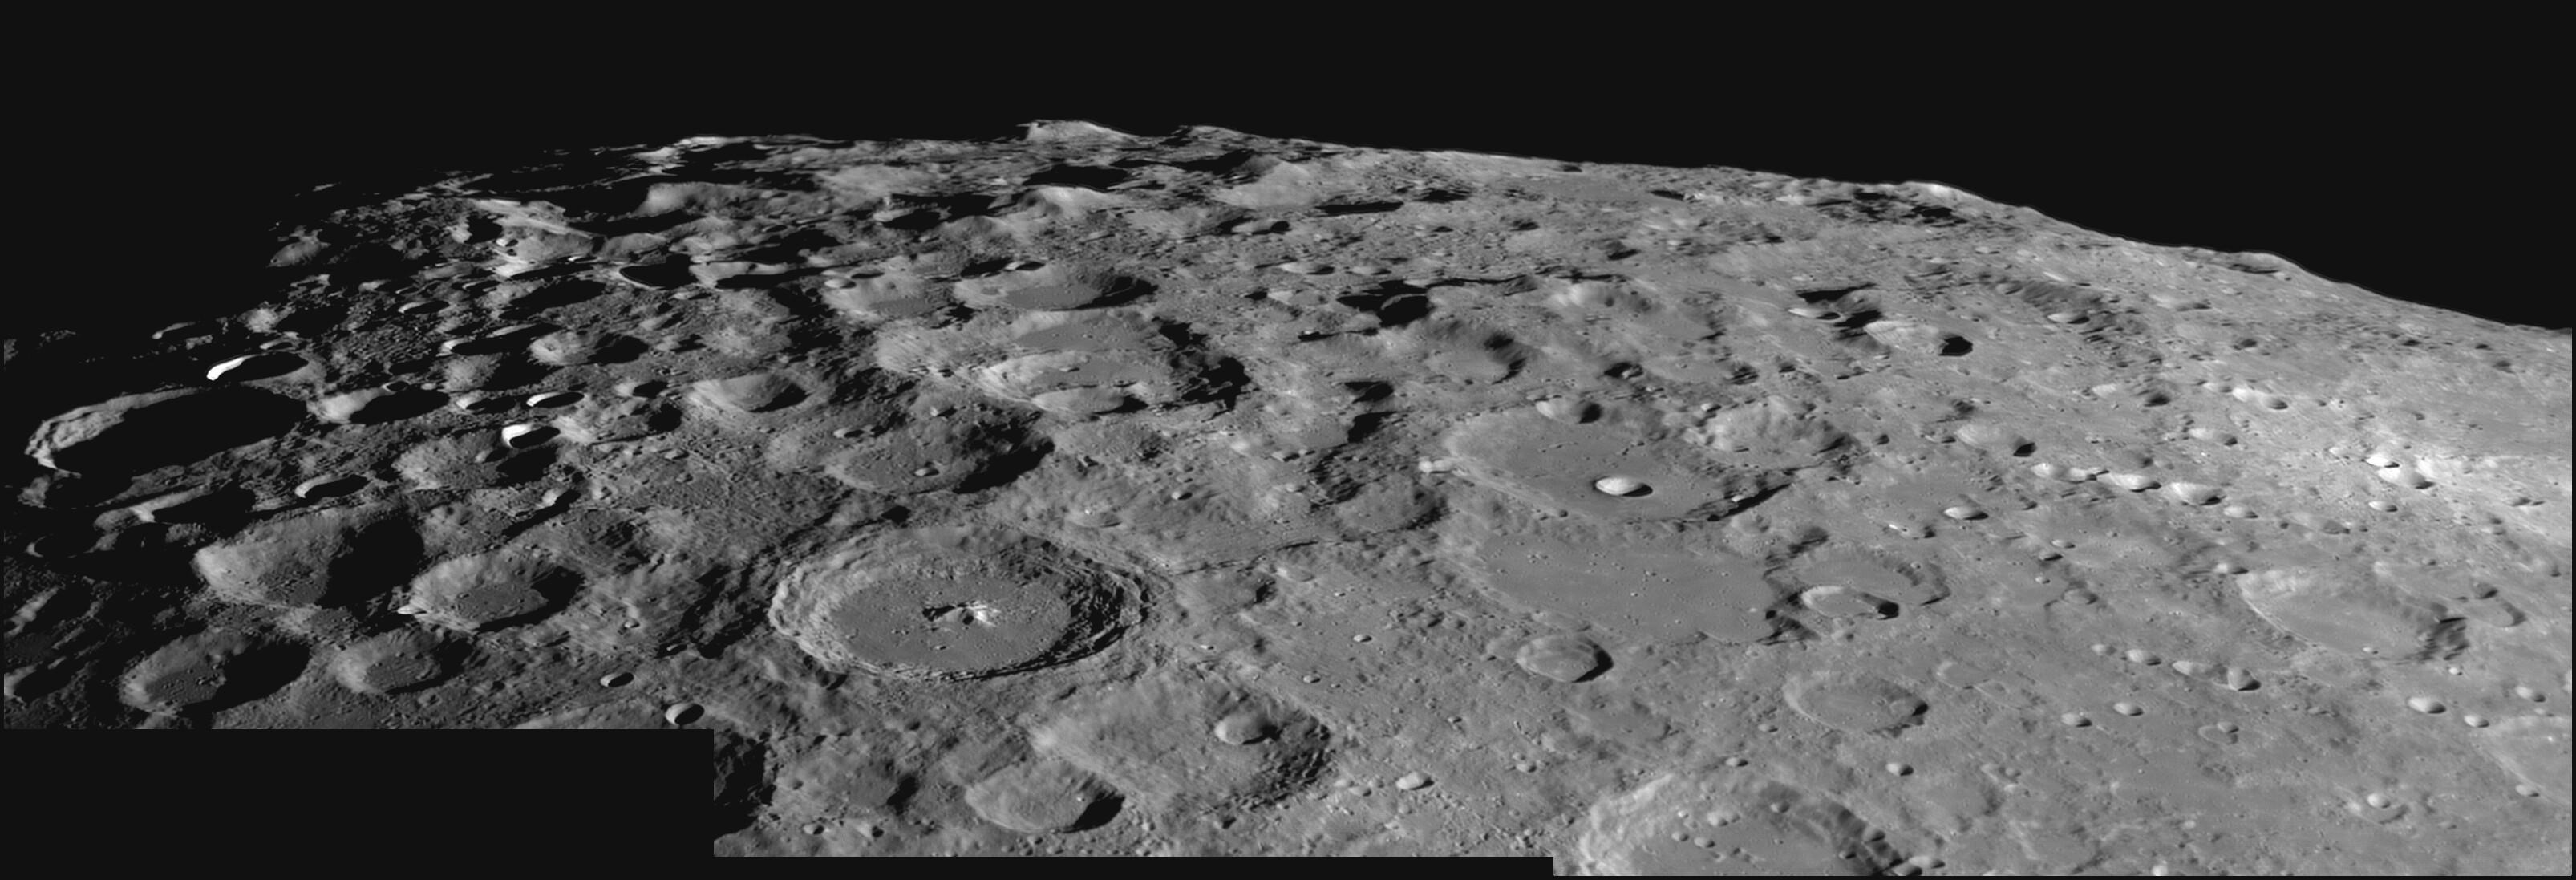 moon20081019_123_full.jpg